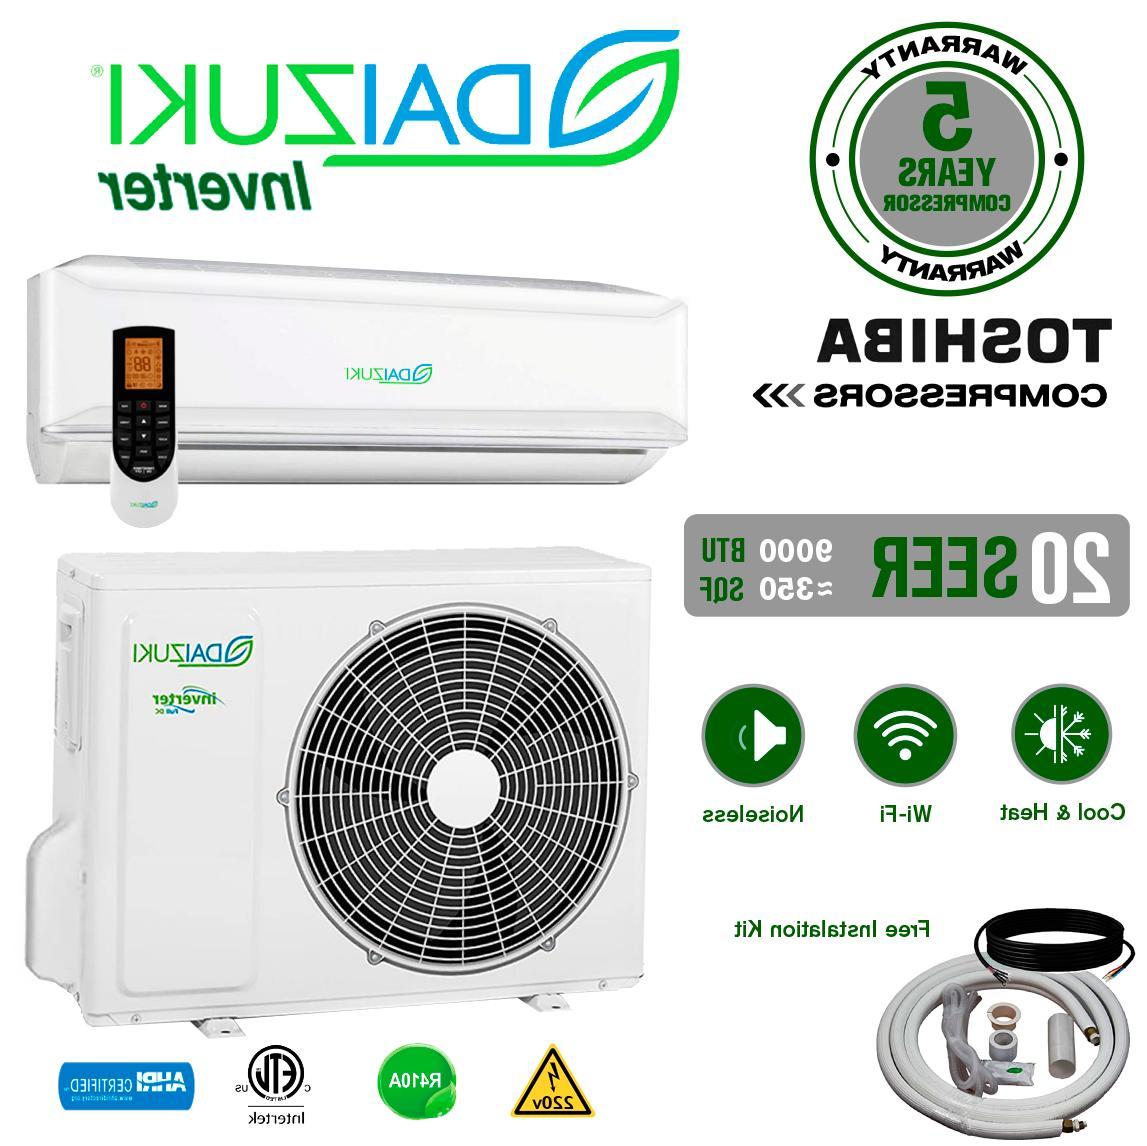 9000 btu air conditioner mini split 20